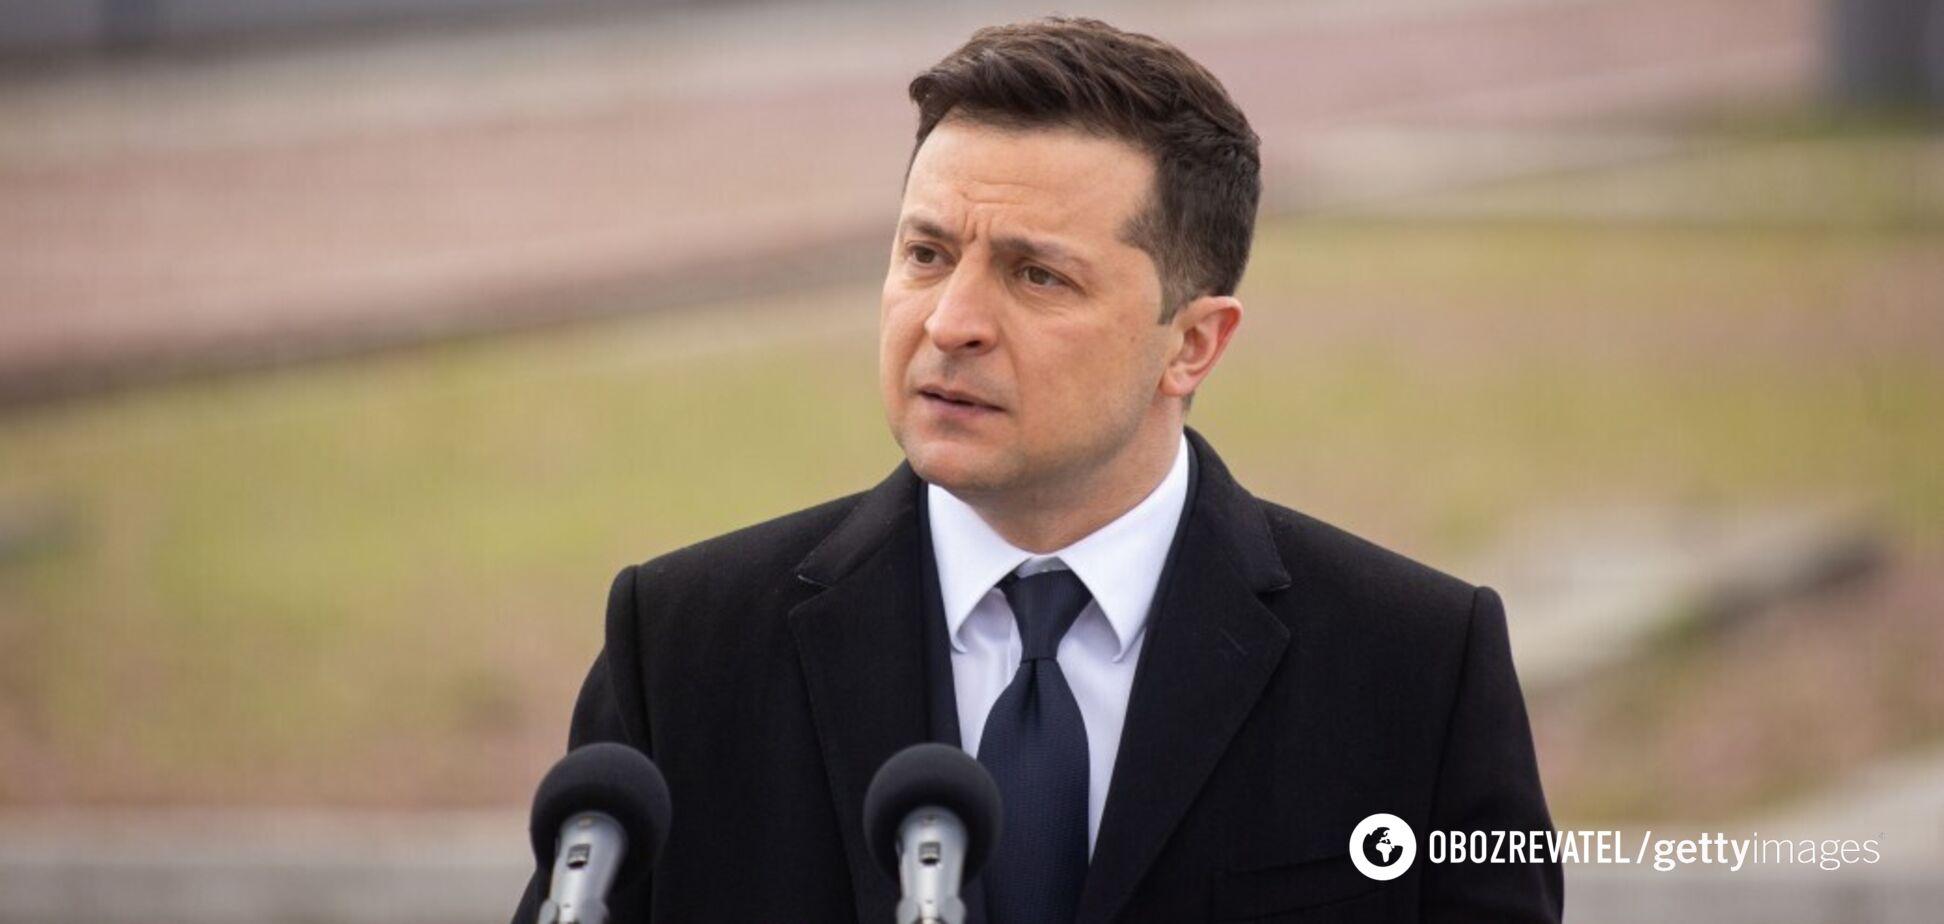 Зеленский заявил, что была вероятность полномасштабного вторжения России в Украину